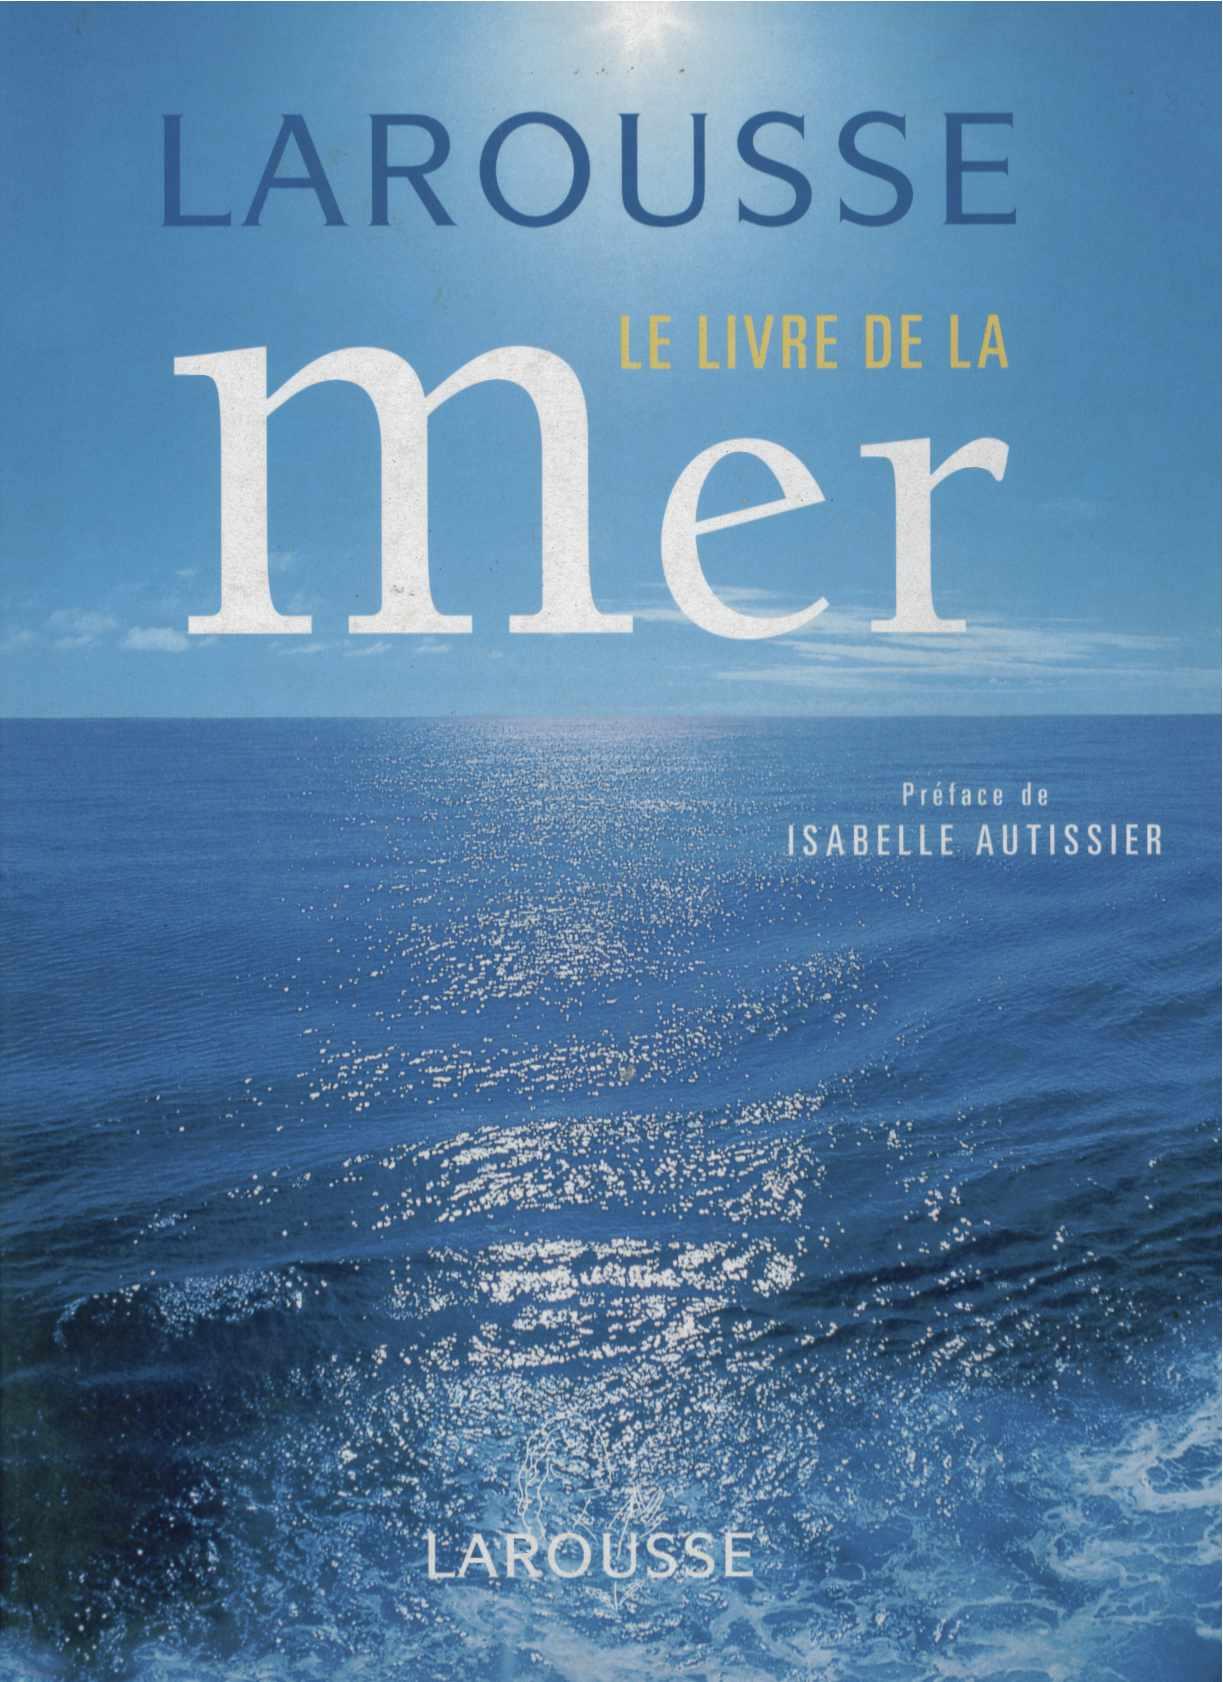 le grand livre de la mer, co-auteur Alain Delmas